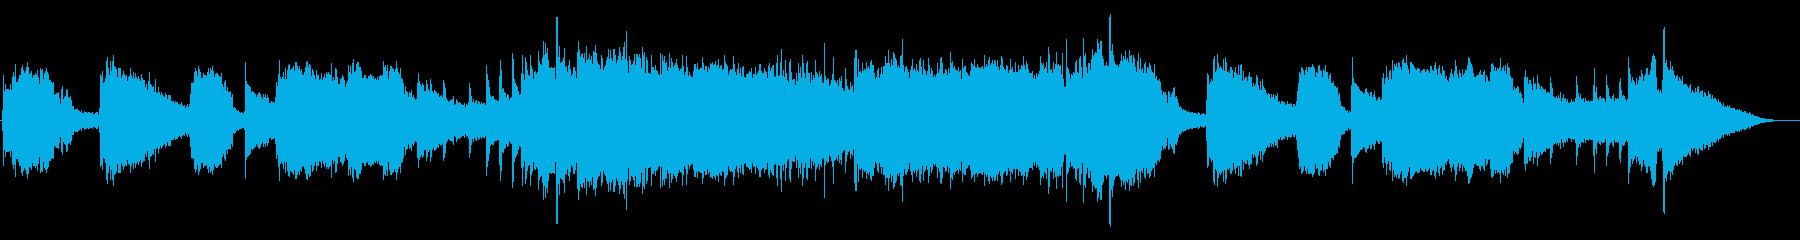 秋のオープニング・優しいアコギポップスの再生済みの波形